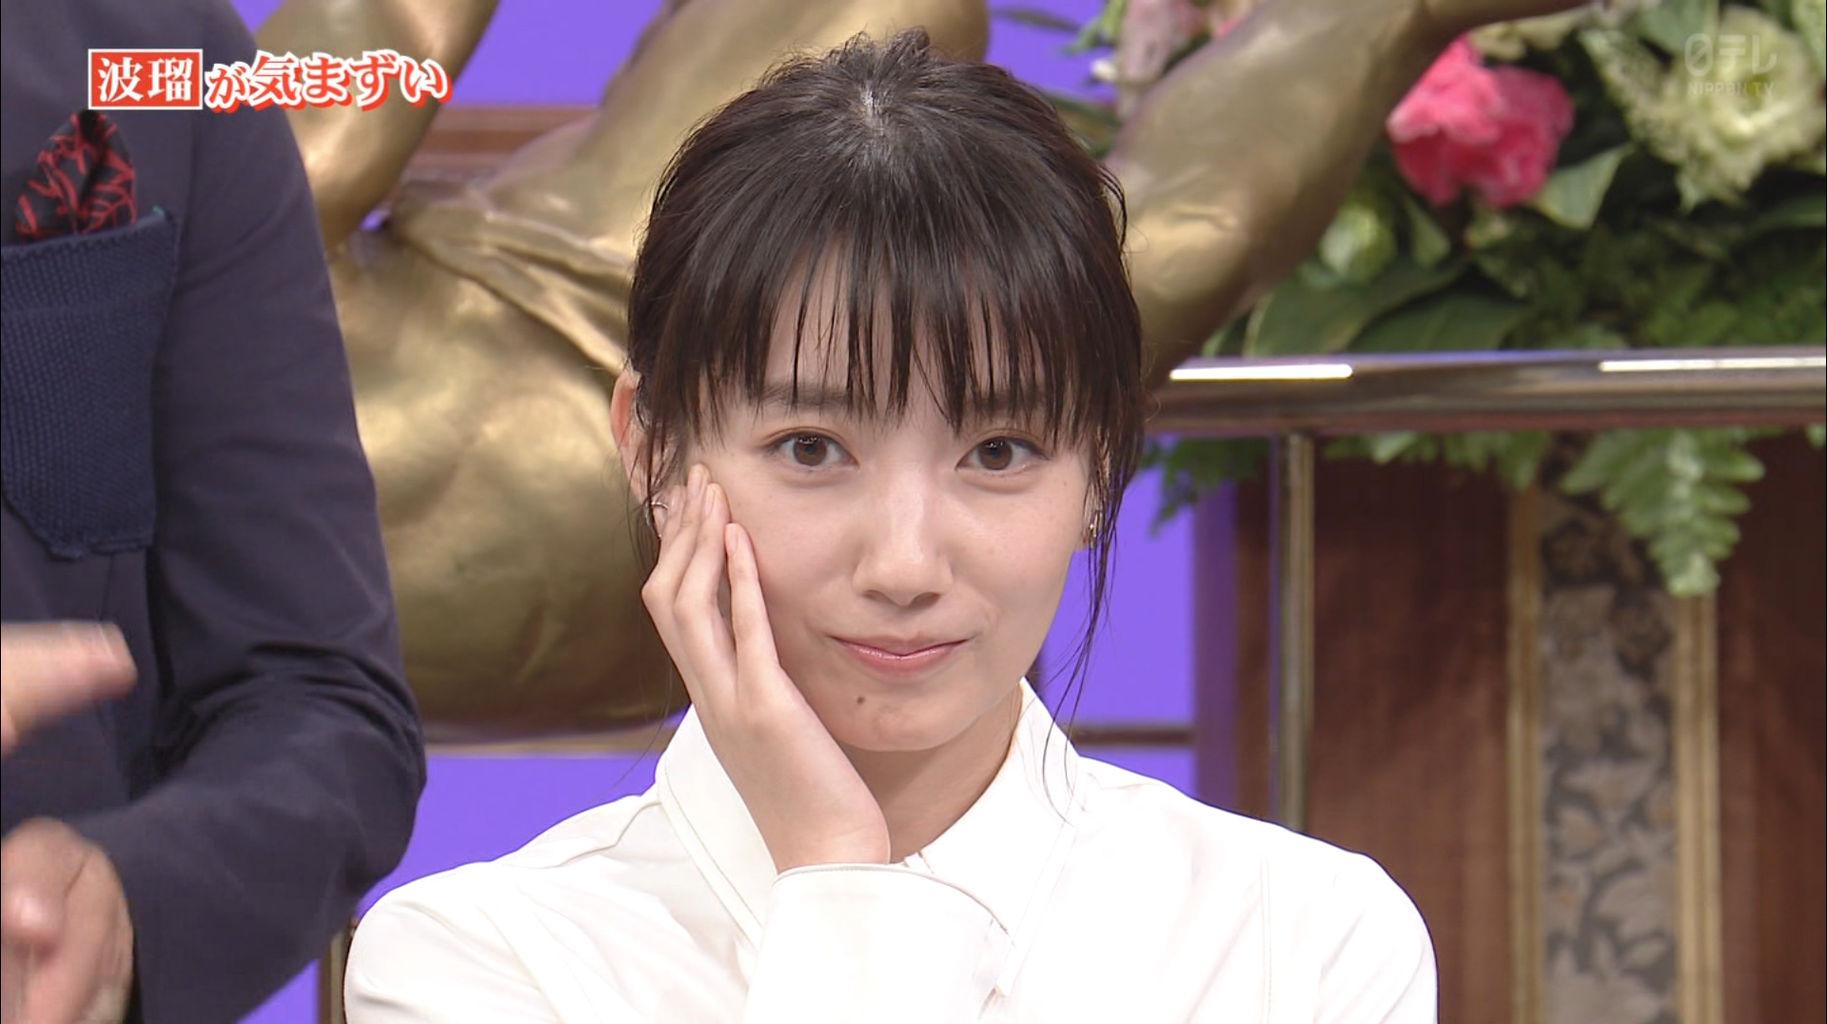 波瑠「吉岡里帆みたいな髪型にしたろ!w」